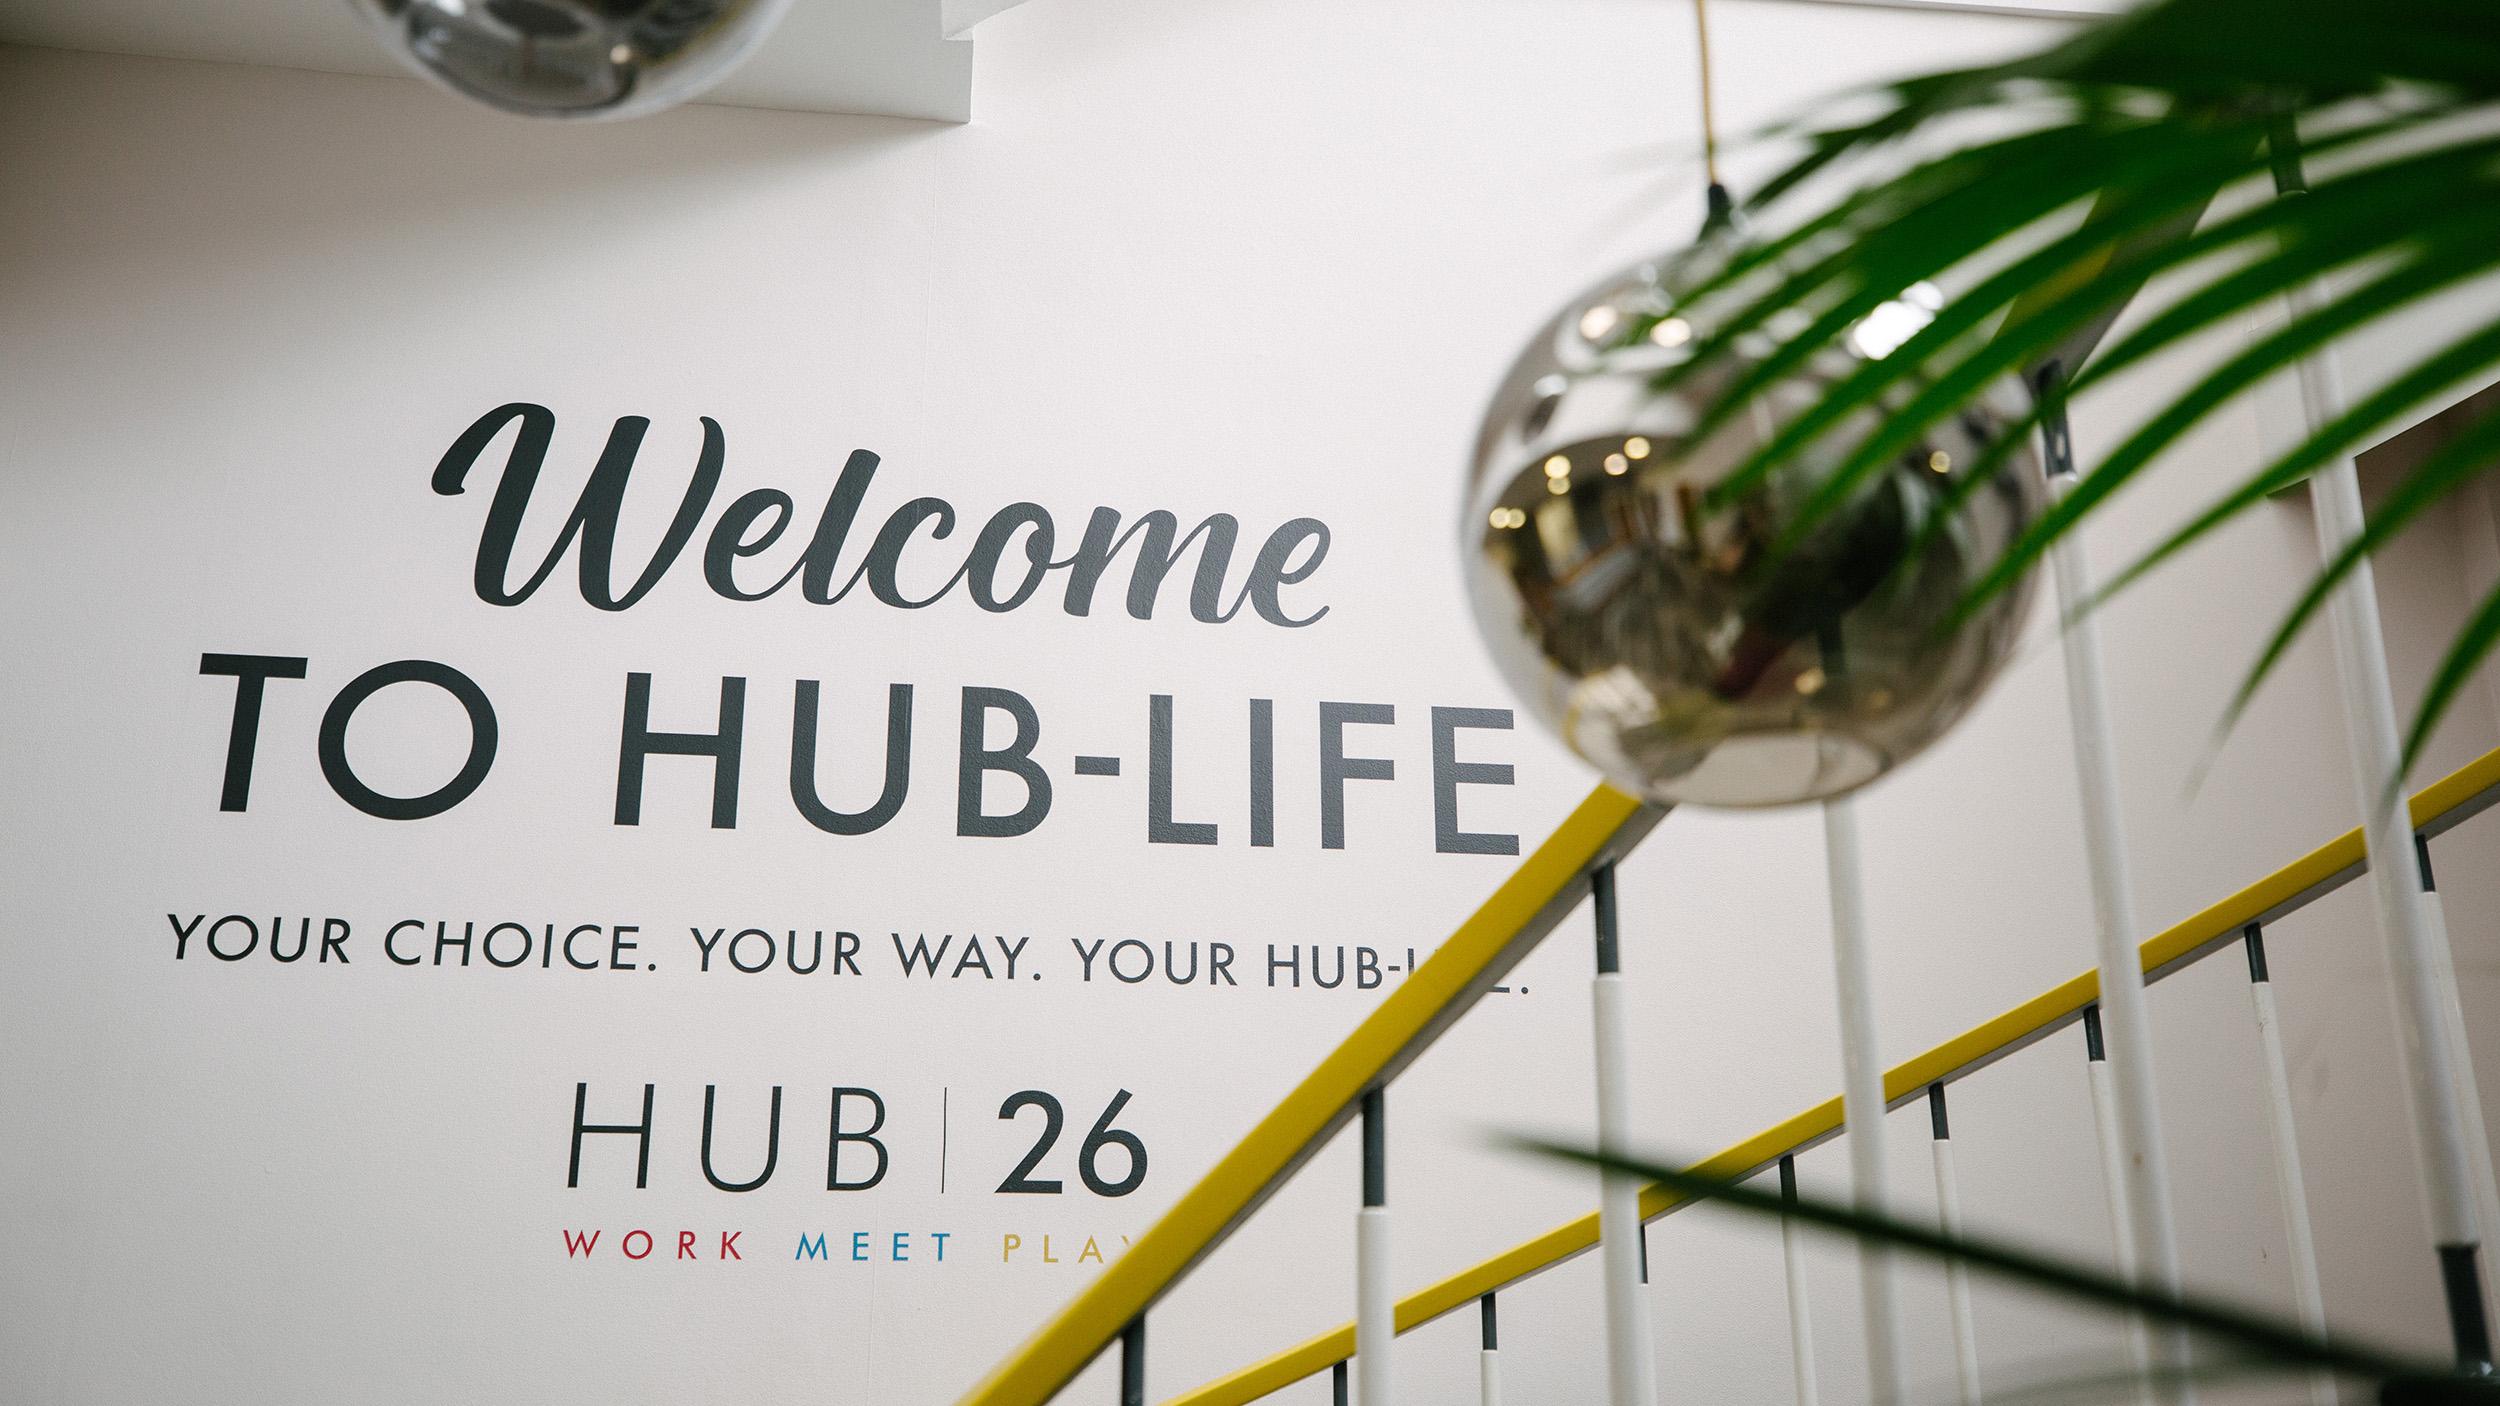 HUB26 Welcome to Hub-Life